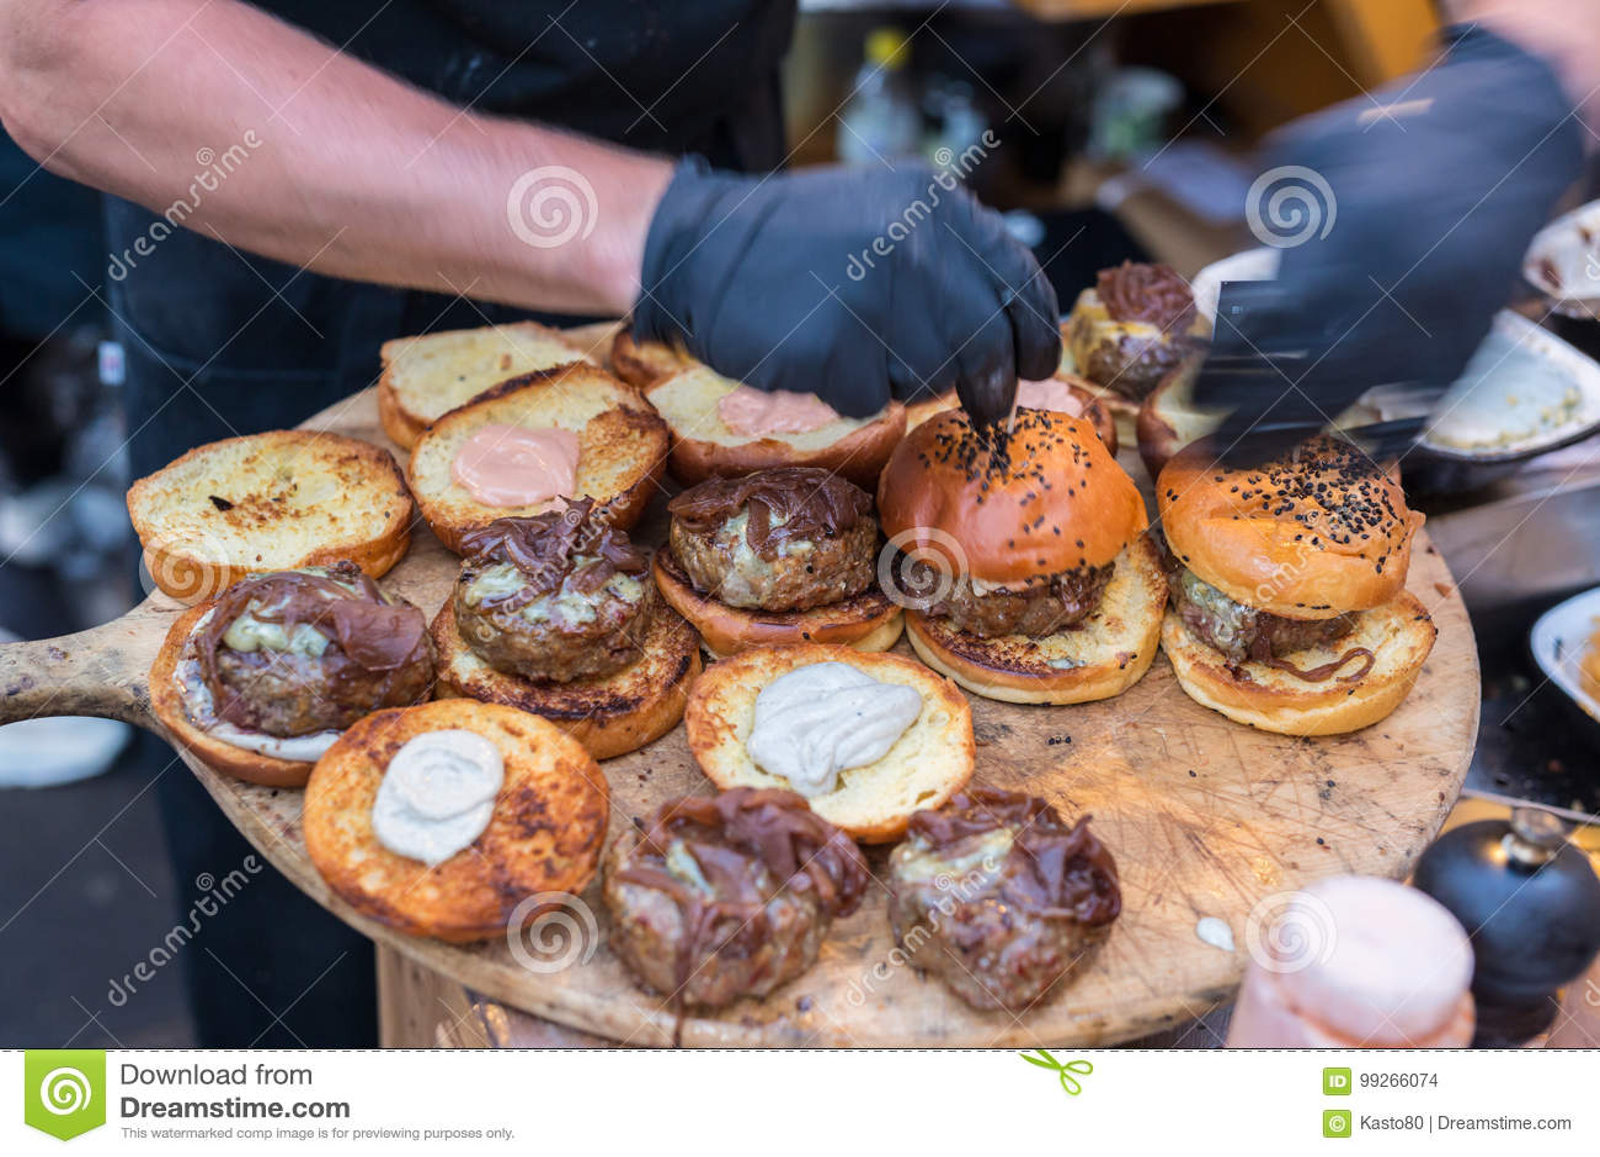 kitchen prep cart whirlpool appliance package 使牛肉汉堡的厨师室外在开放厨房国际食物节日事件库存照片 图片包括有 使牛肉汉堡的厨师室外在开放厨房国际食物节日事件街道食物准备服务在食物摊位